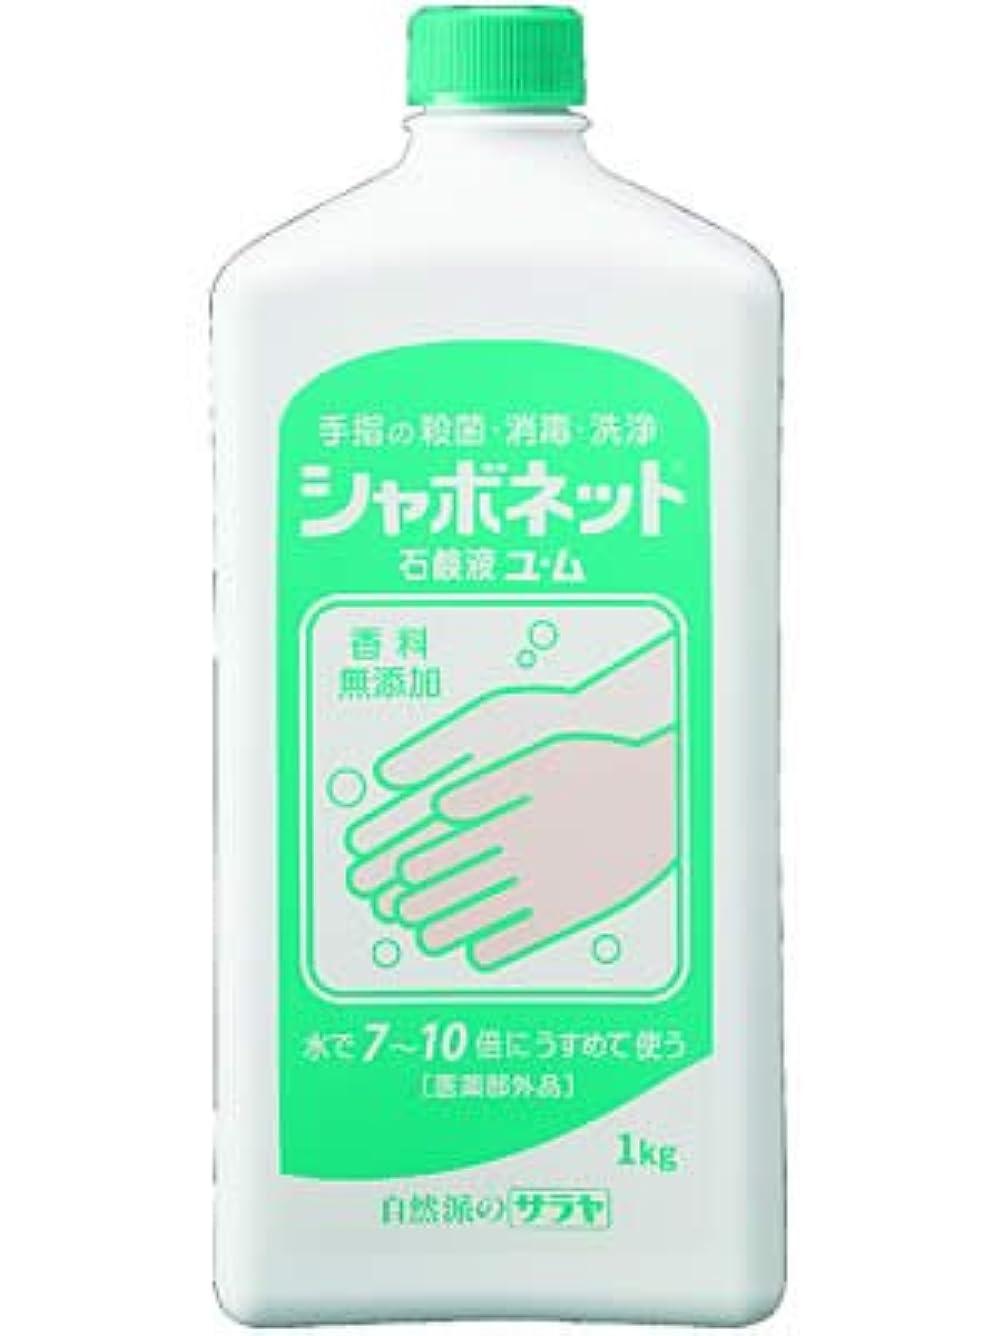 オリエント必需品アブセイシャボネット 石鹸液 ユ?ム 1kg ×3個セット